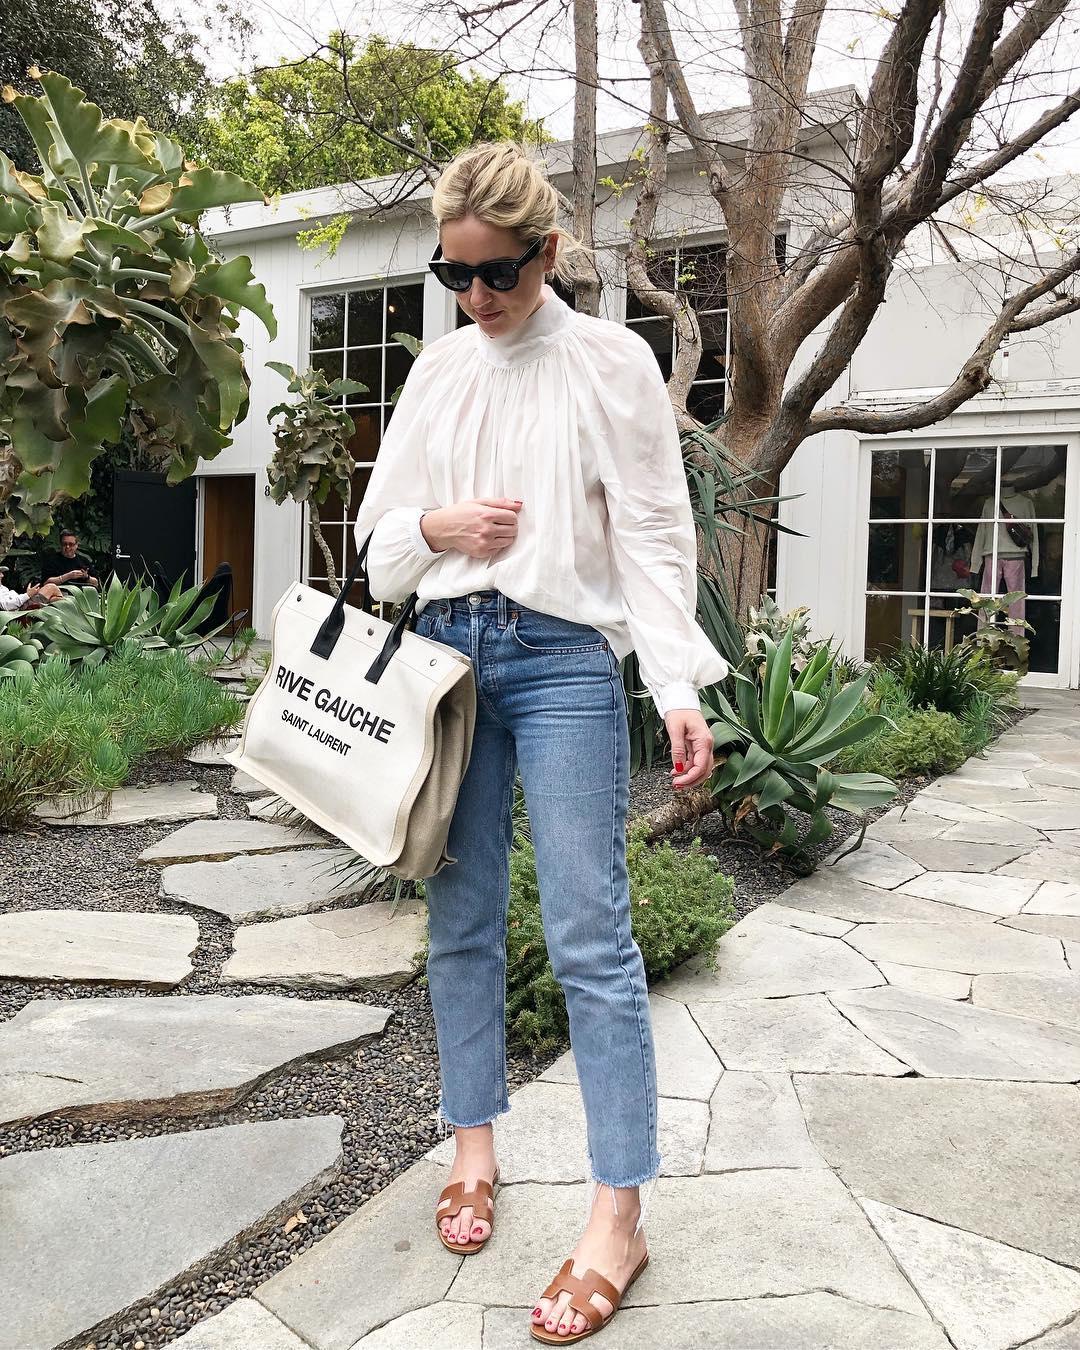 Своя ноша легка: Tote bag — универсальный тренд осени 2021 года-Фото 3